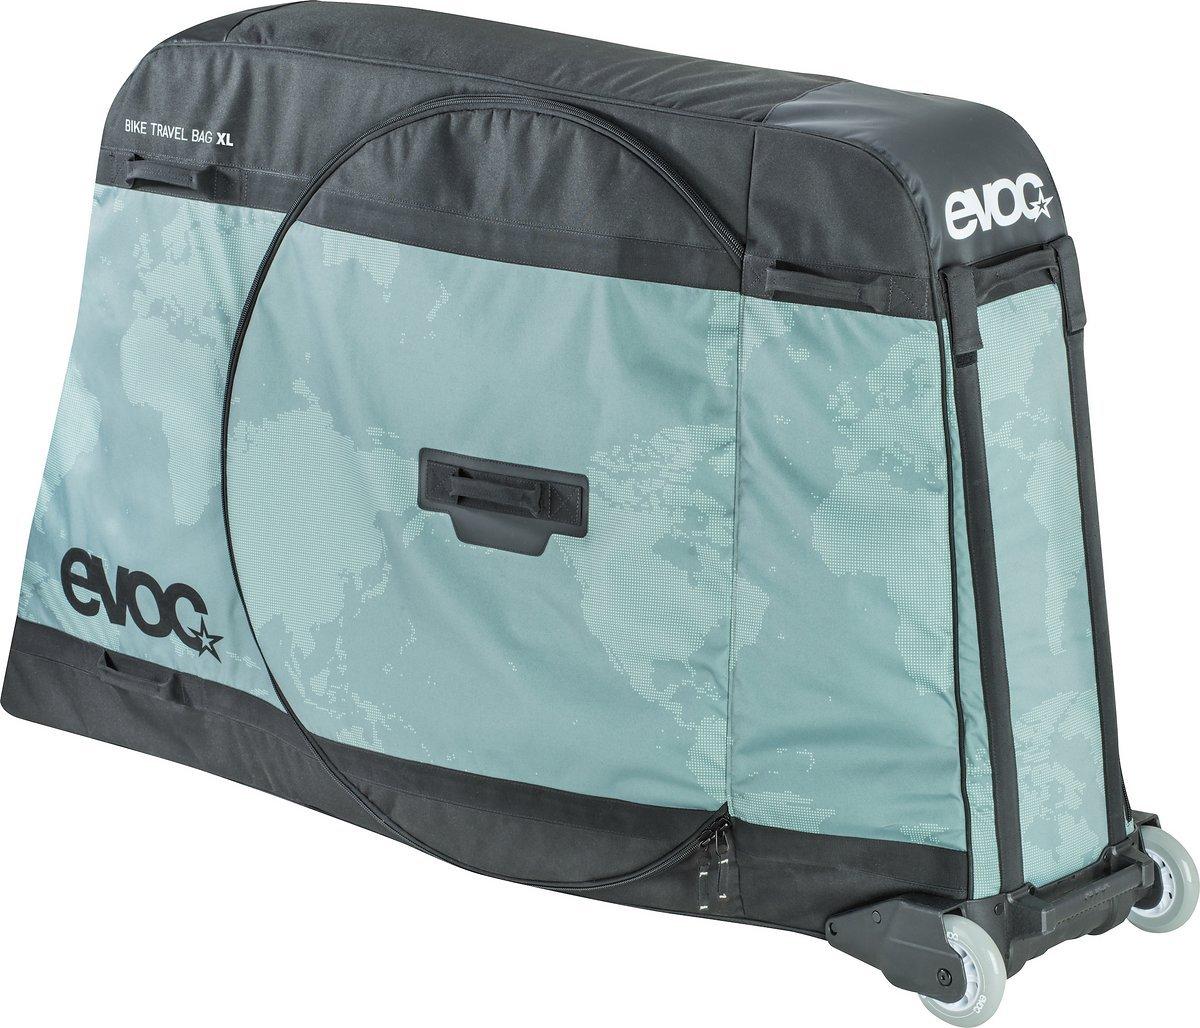 evoc bike travel bag xl reisetasche f r lange bikes. Black Bedroom Furniture Sets. Home Design Ideas